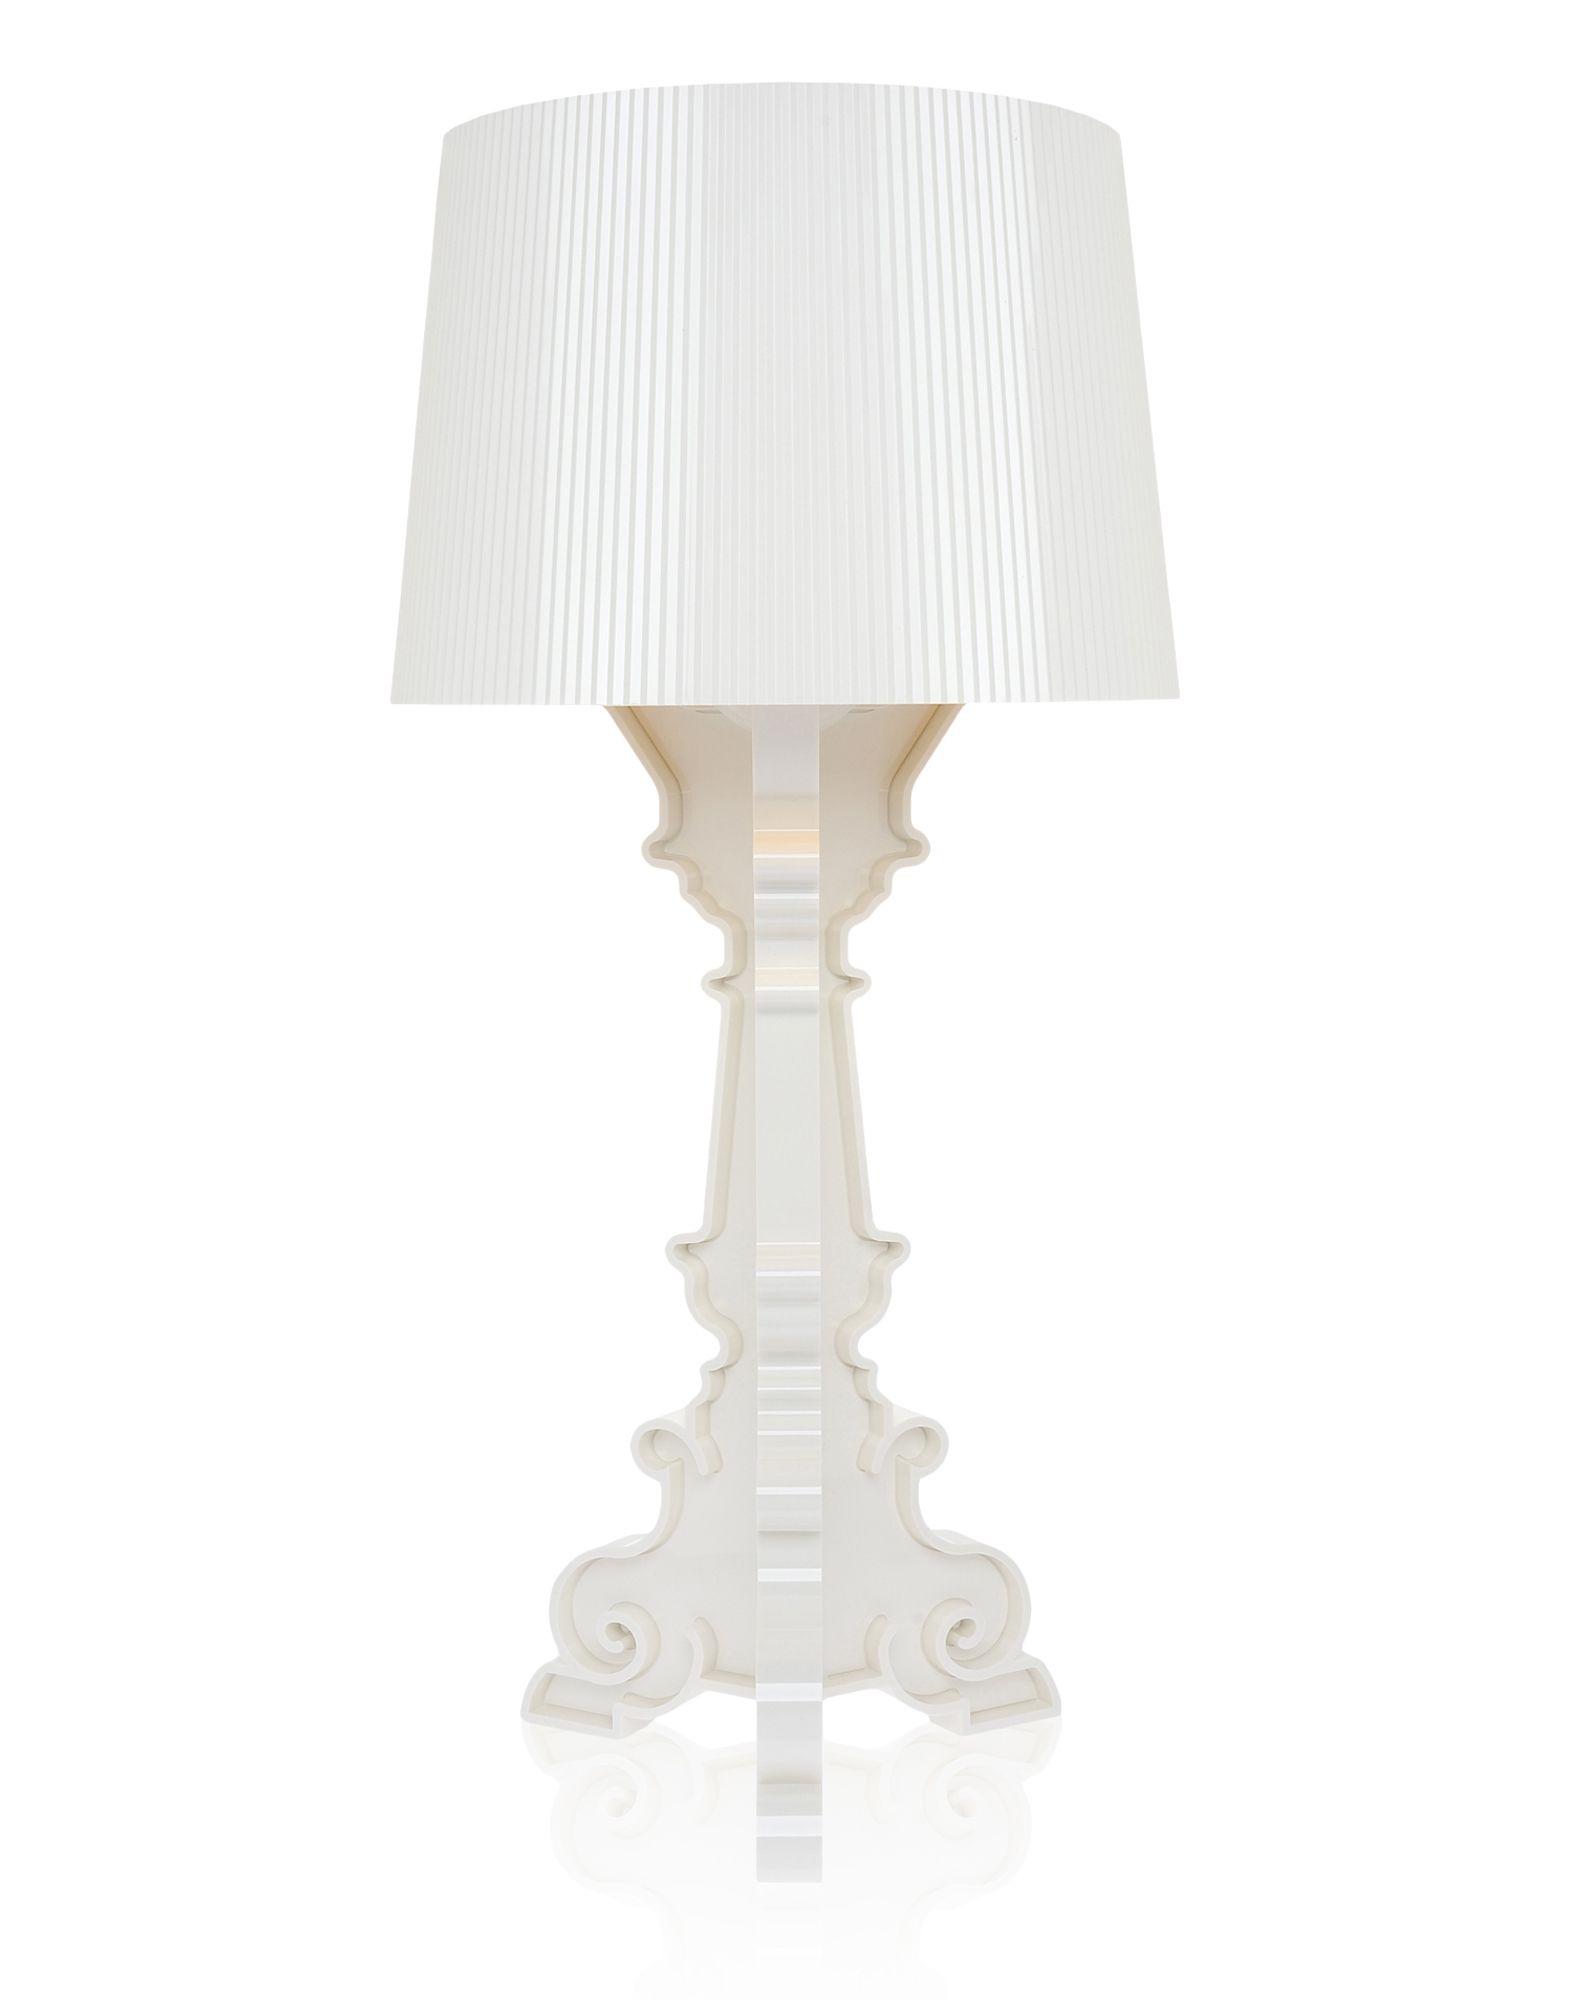 Veioza Kartell Bourgie design Ferruccio Laviani E14 max 3x28W d37cm alb-auriu poza